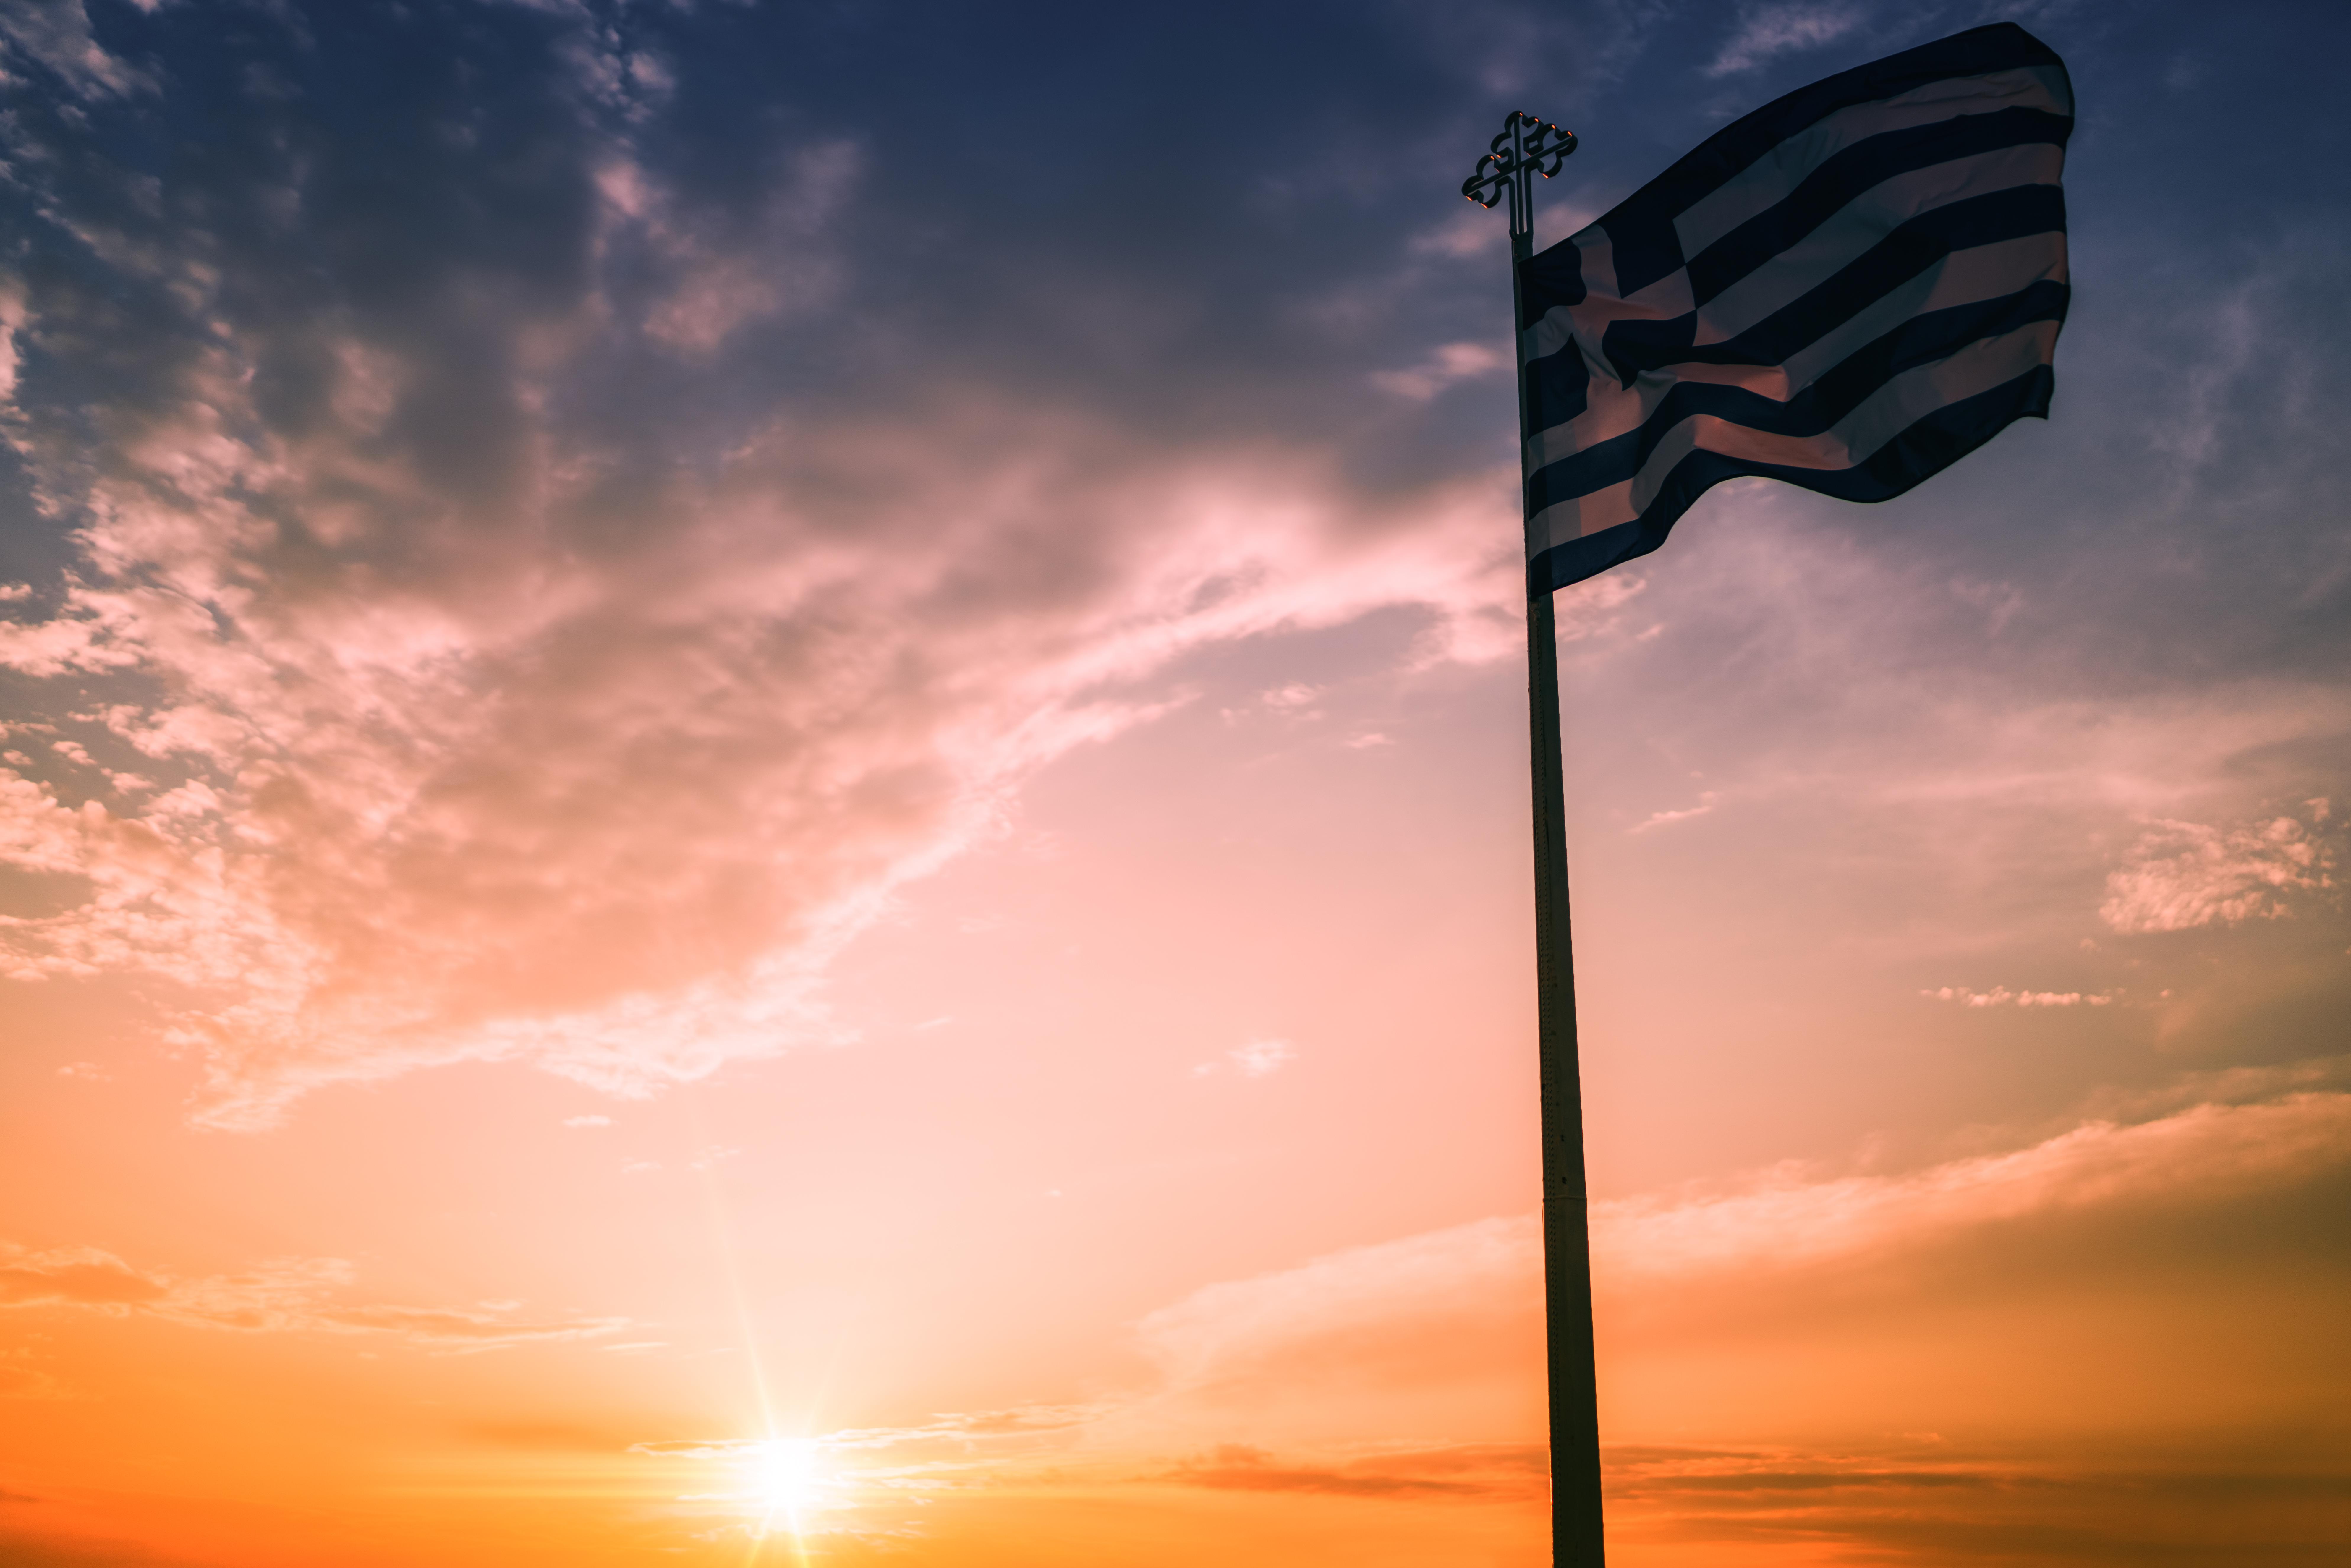 El punto más olímpico de la ciudad más olímpica - Turquía Circuito Estambul y Grecia Clásica